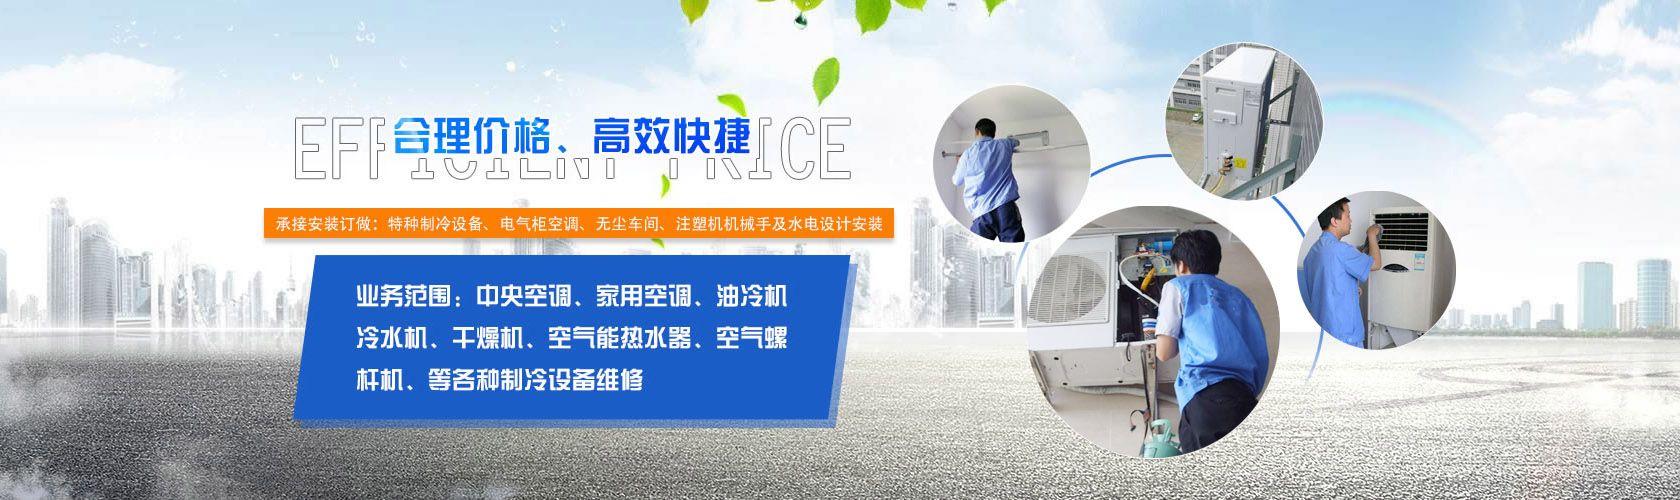 广州空调维修实力优势